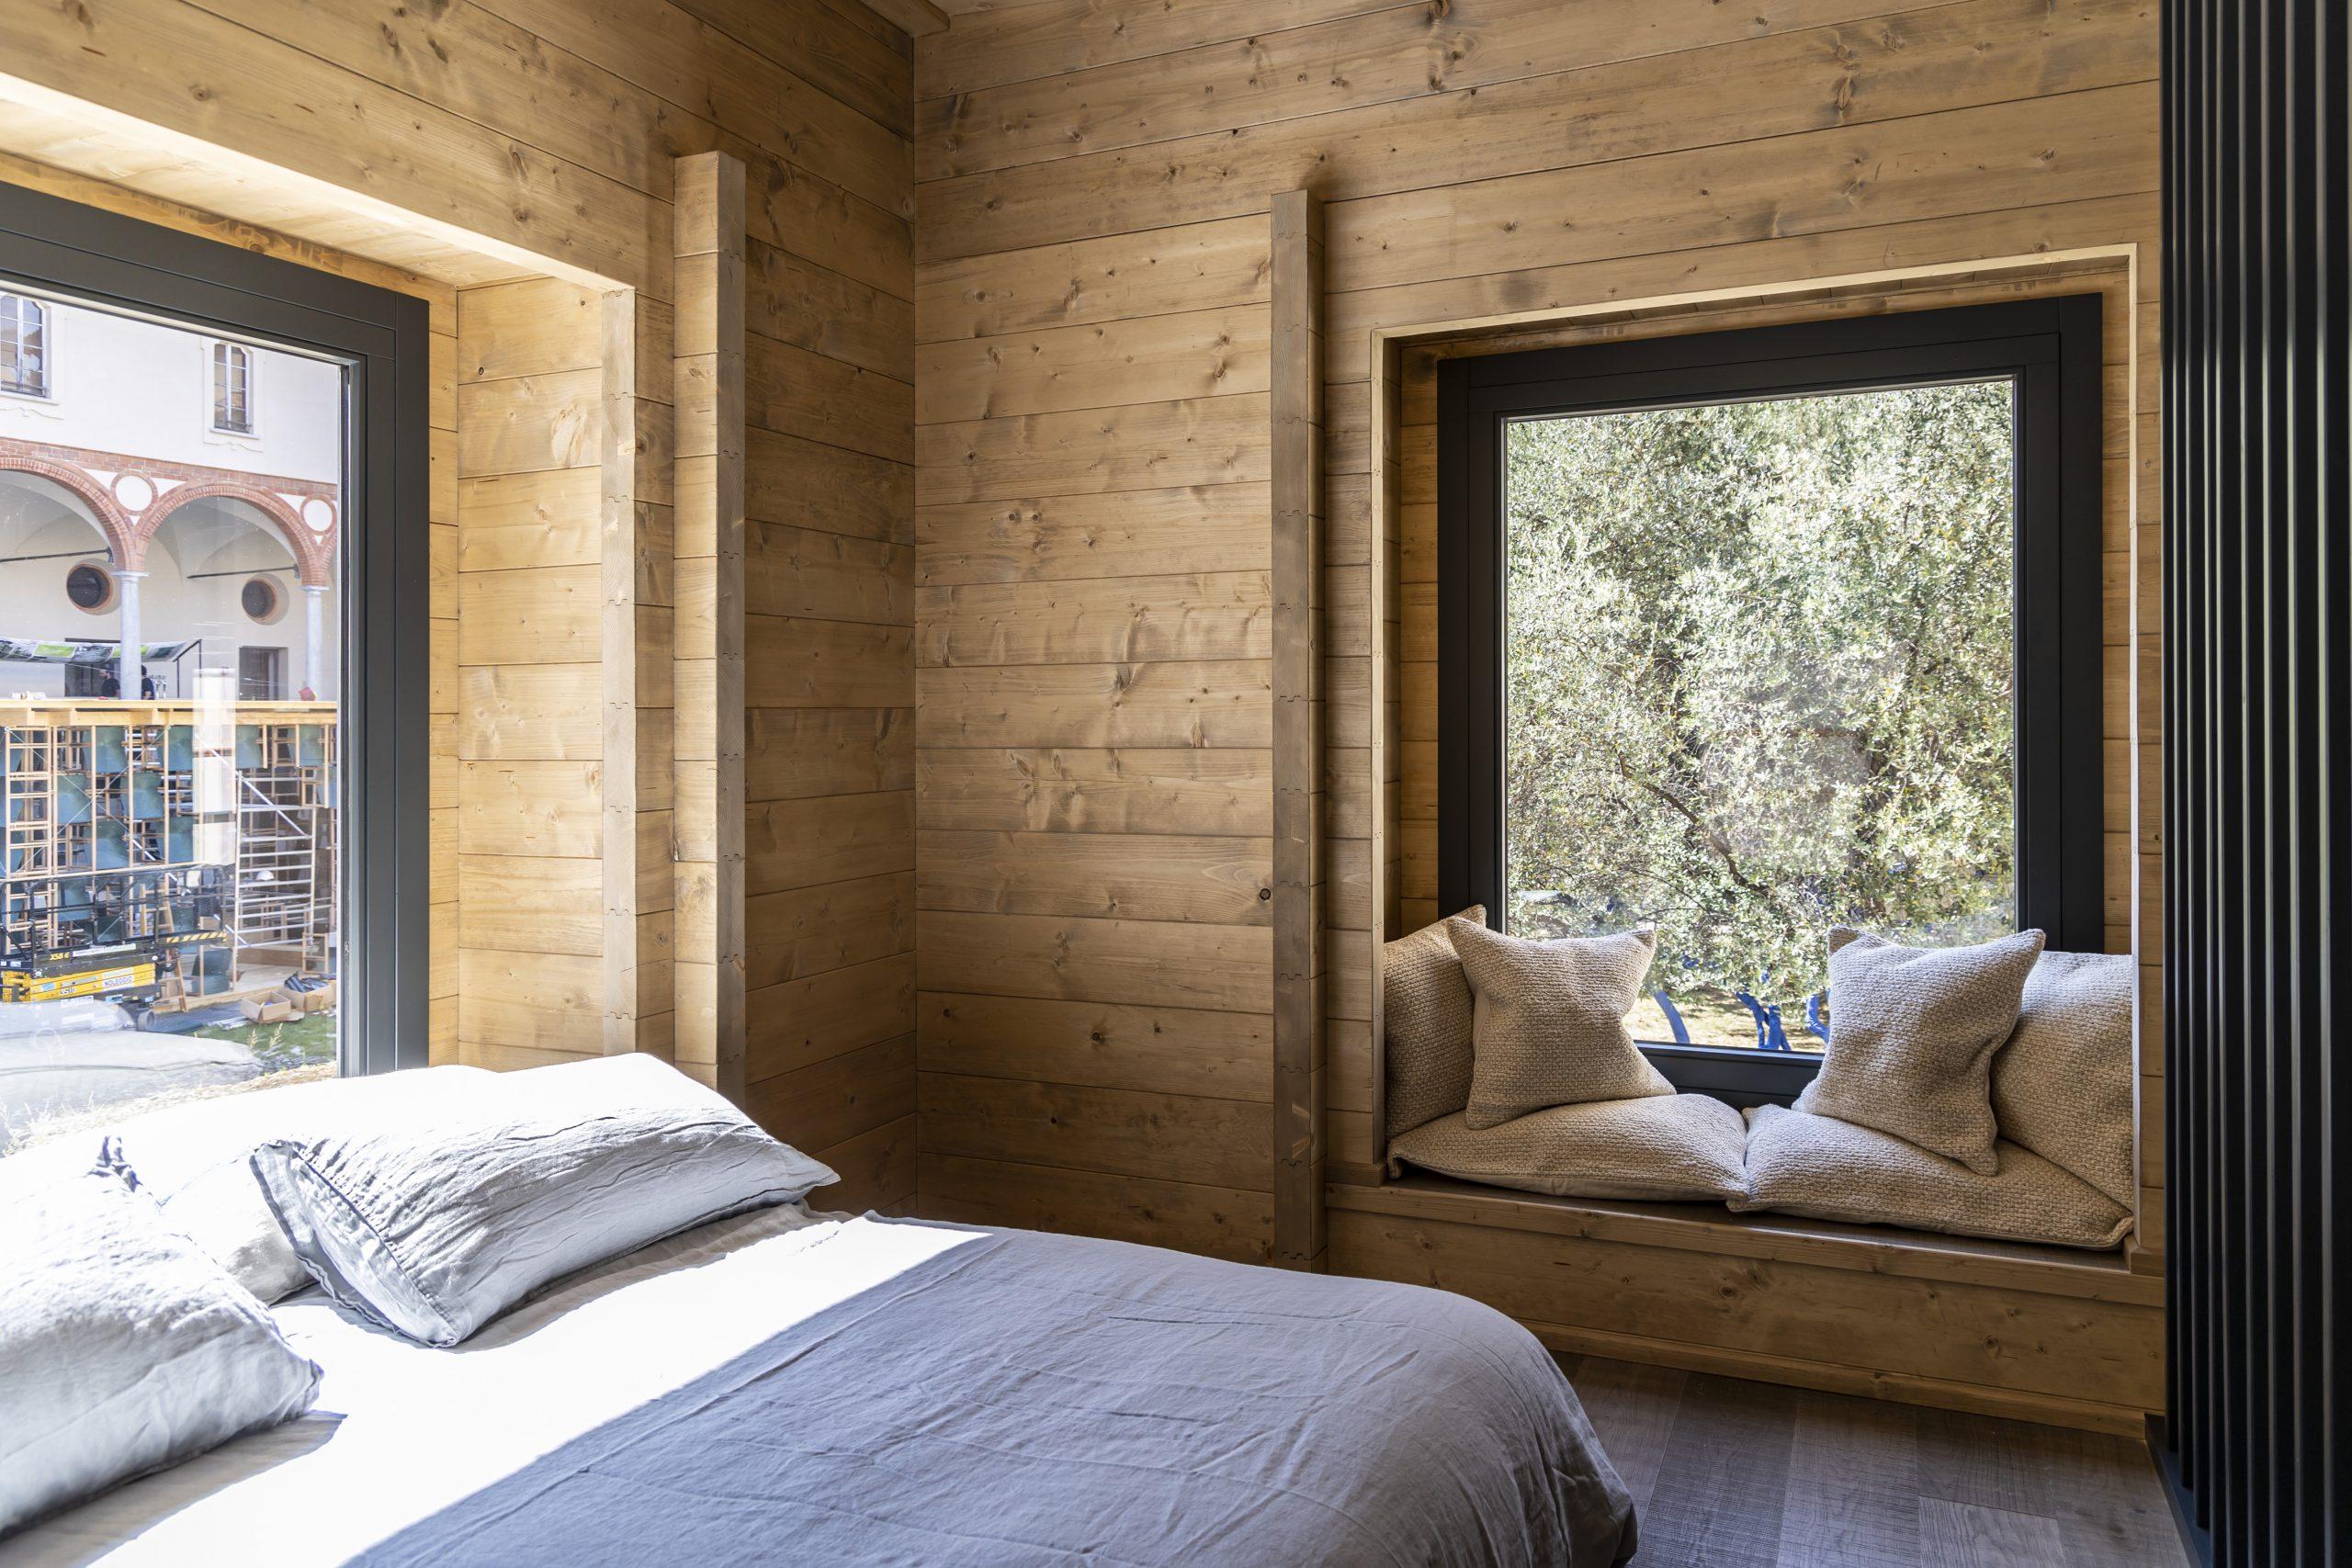 Milano Design Week Rubner Haus